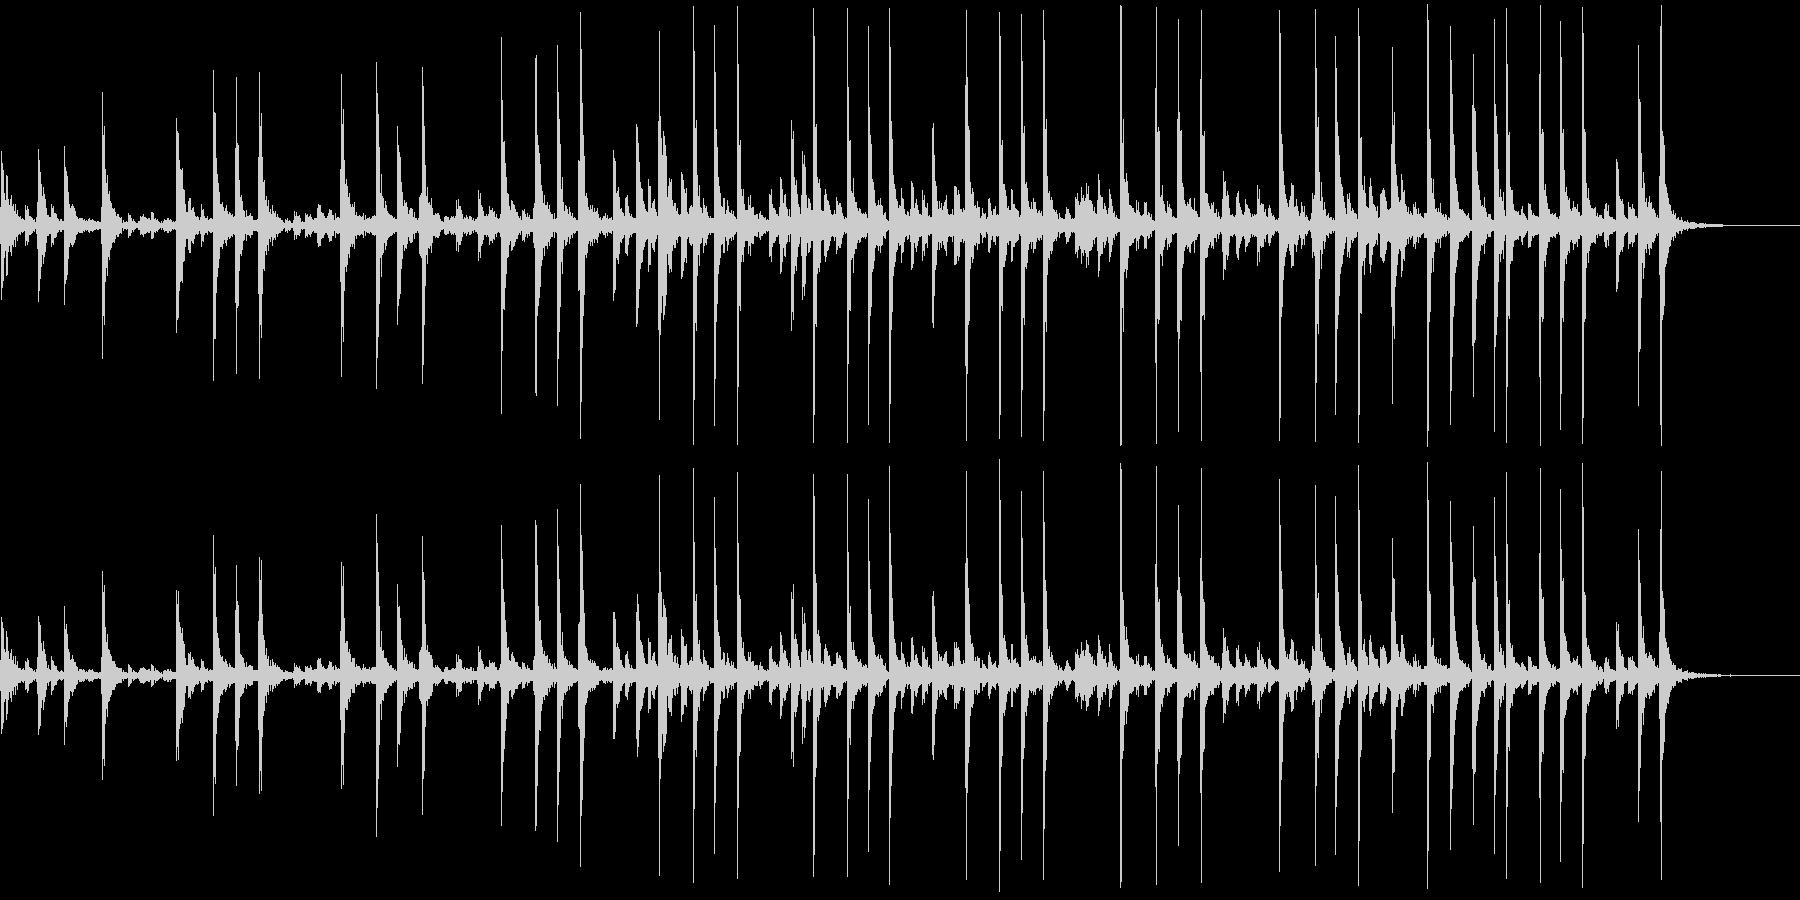 低音:リズムビート、漫画コメディパ...の未再生の波形